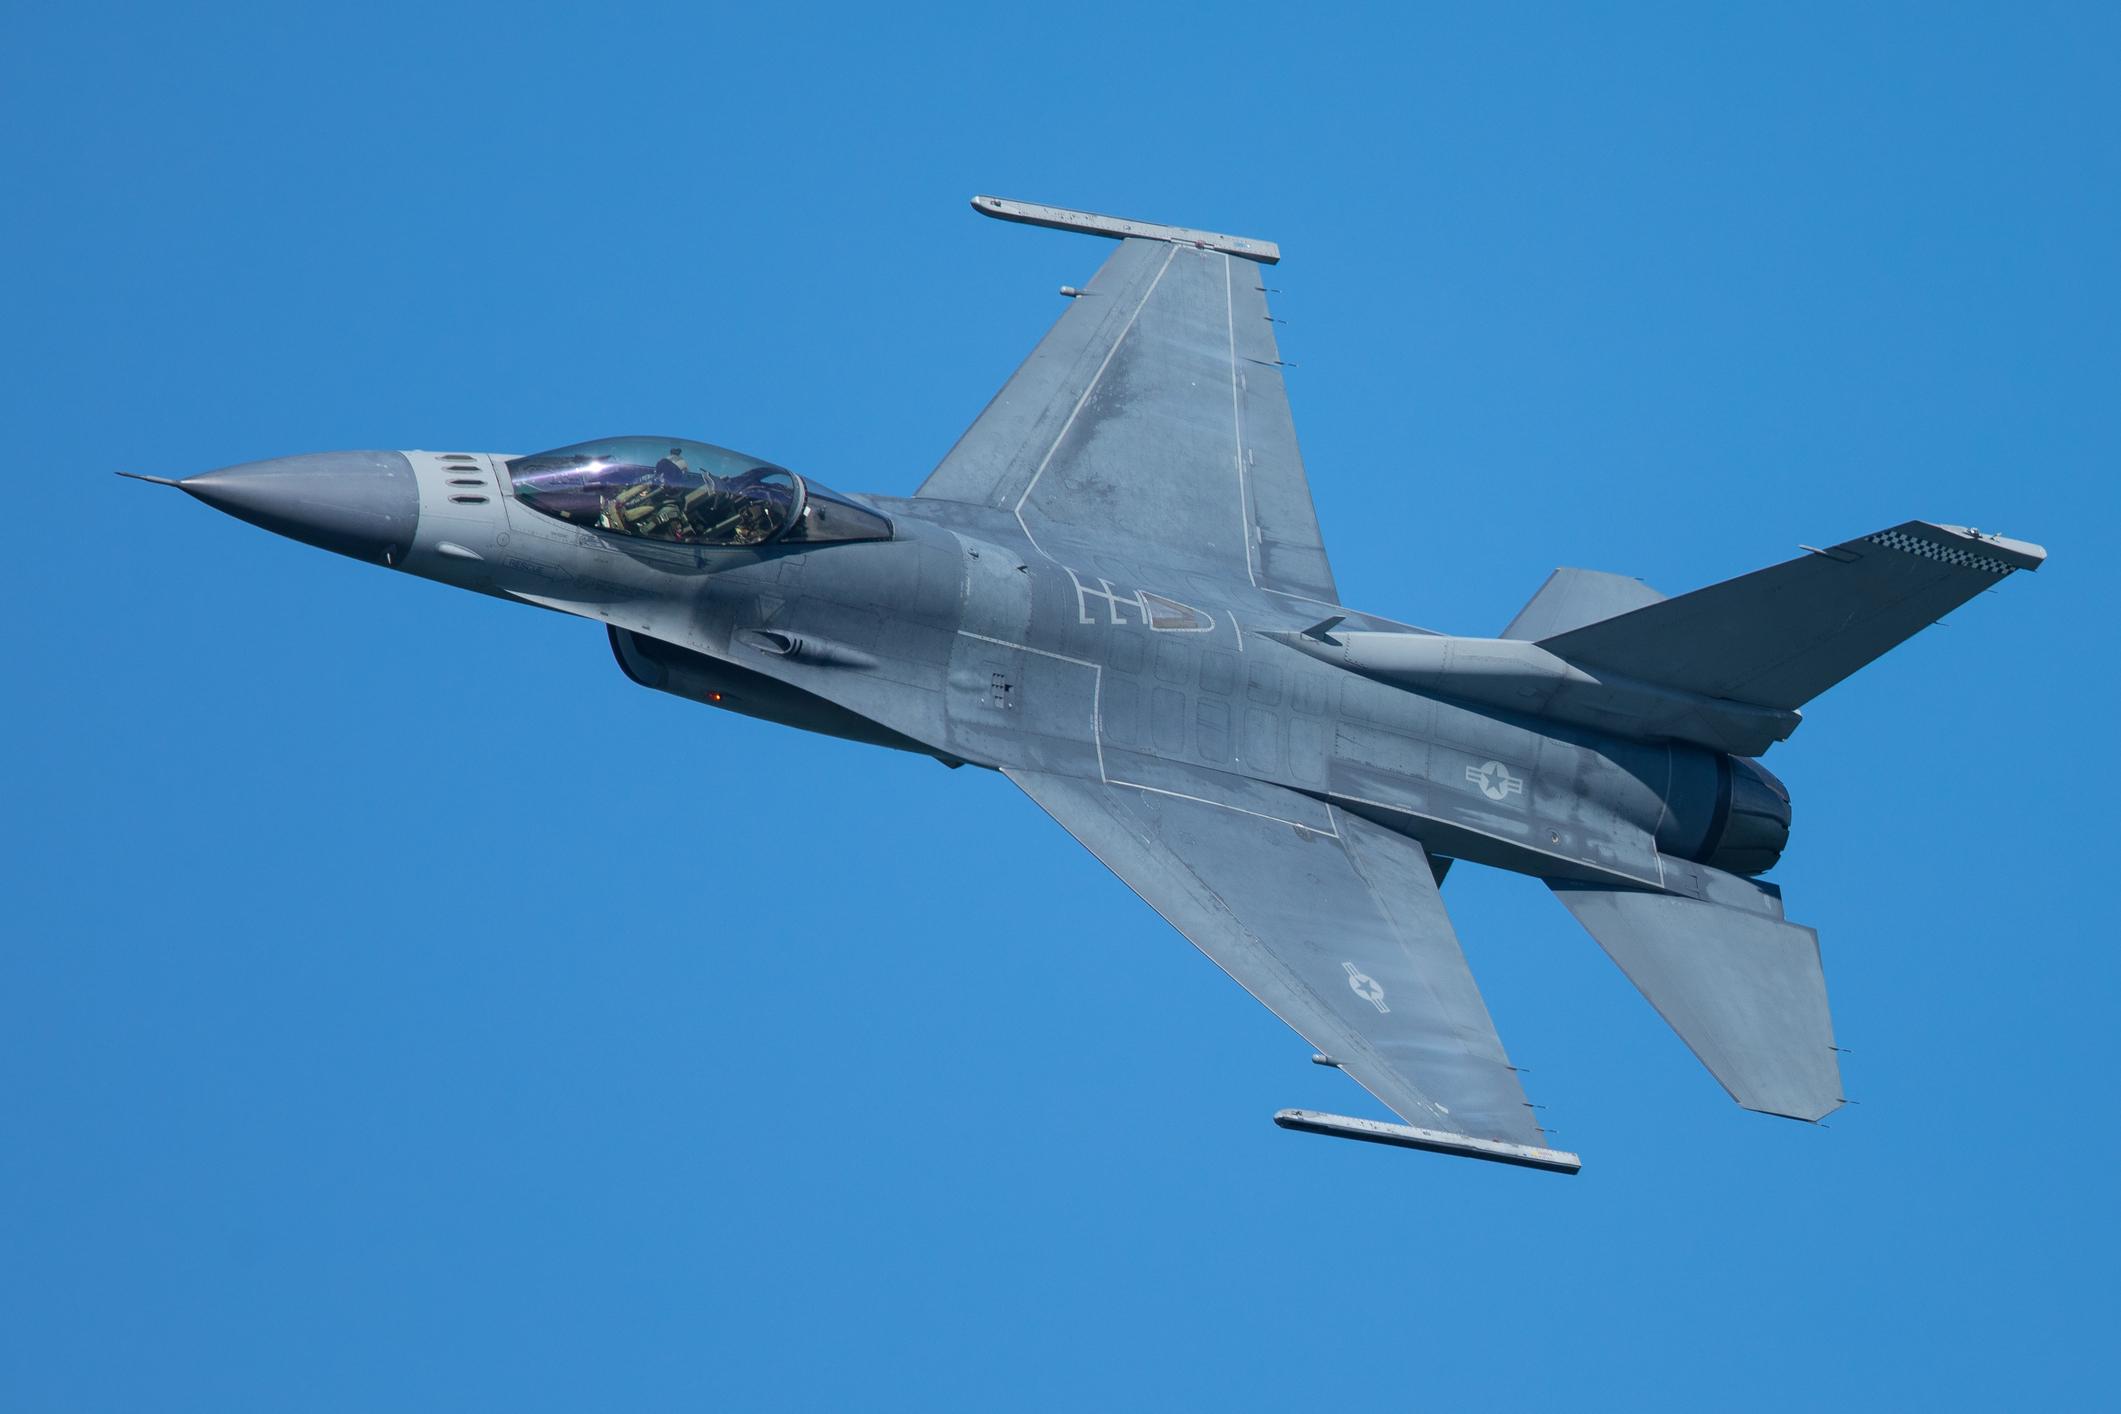 A fighter jet flies through a clear blue sky